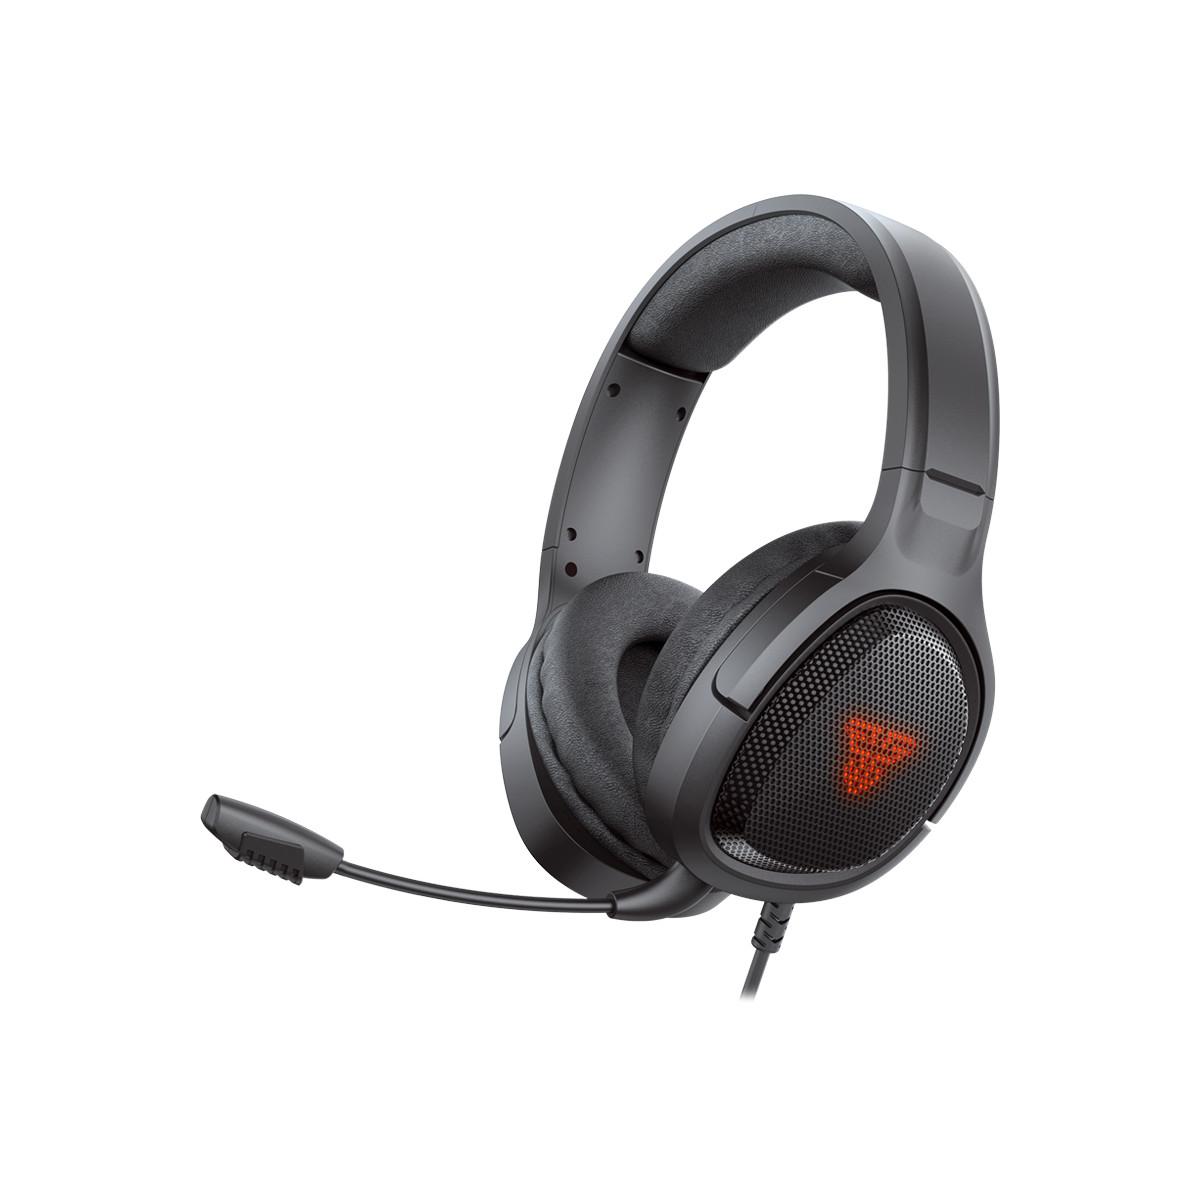 Tai nghe Gaming chụp tai có dây Fantech VIBE MH85 chuyên Game Console PS4, PS5... Jack 3.5mm kèm dây chuyển dùng cho PC Mic chống ồn - Hàng chính hãng